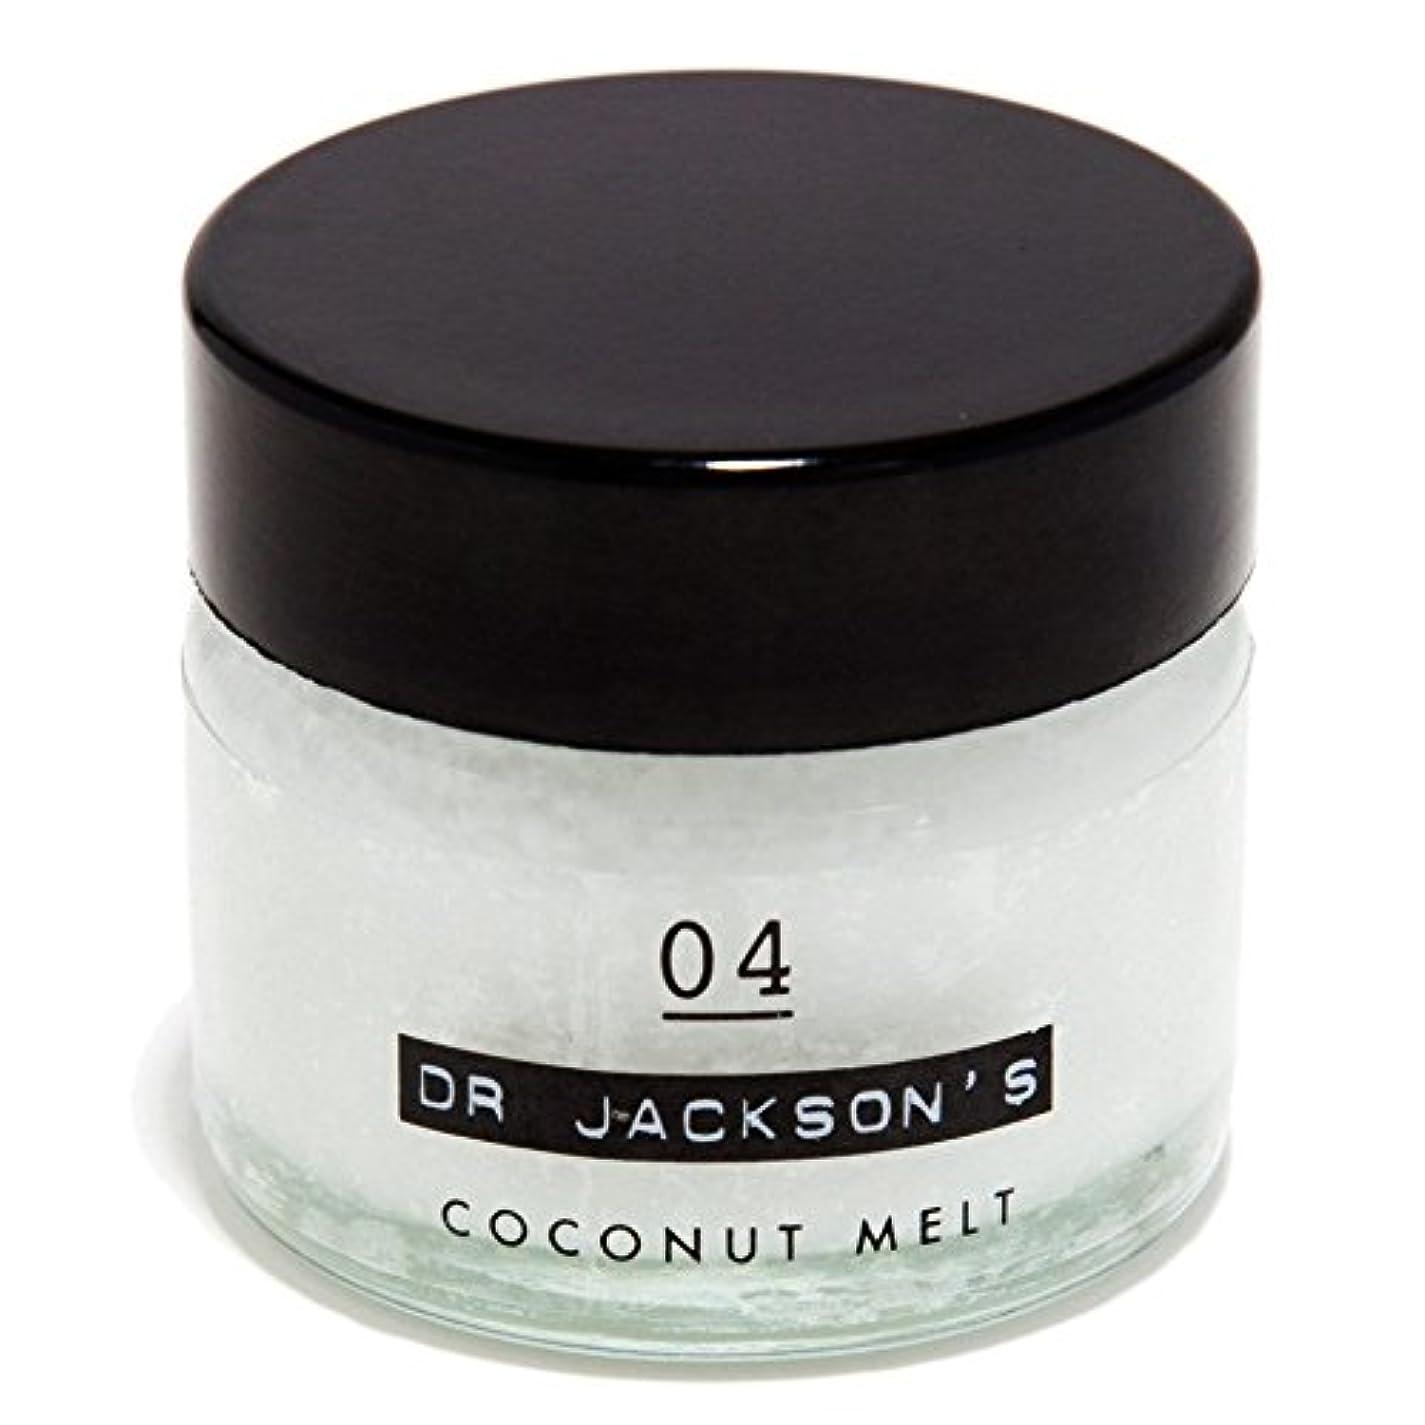 過度に現れる満了Dr Jackson's 04 Coconut Melt 15ml - ジャクソンの04ココナッツメルト15ミリリットル [並行輸入品]